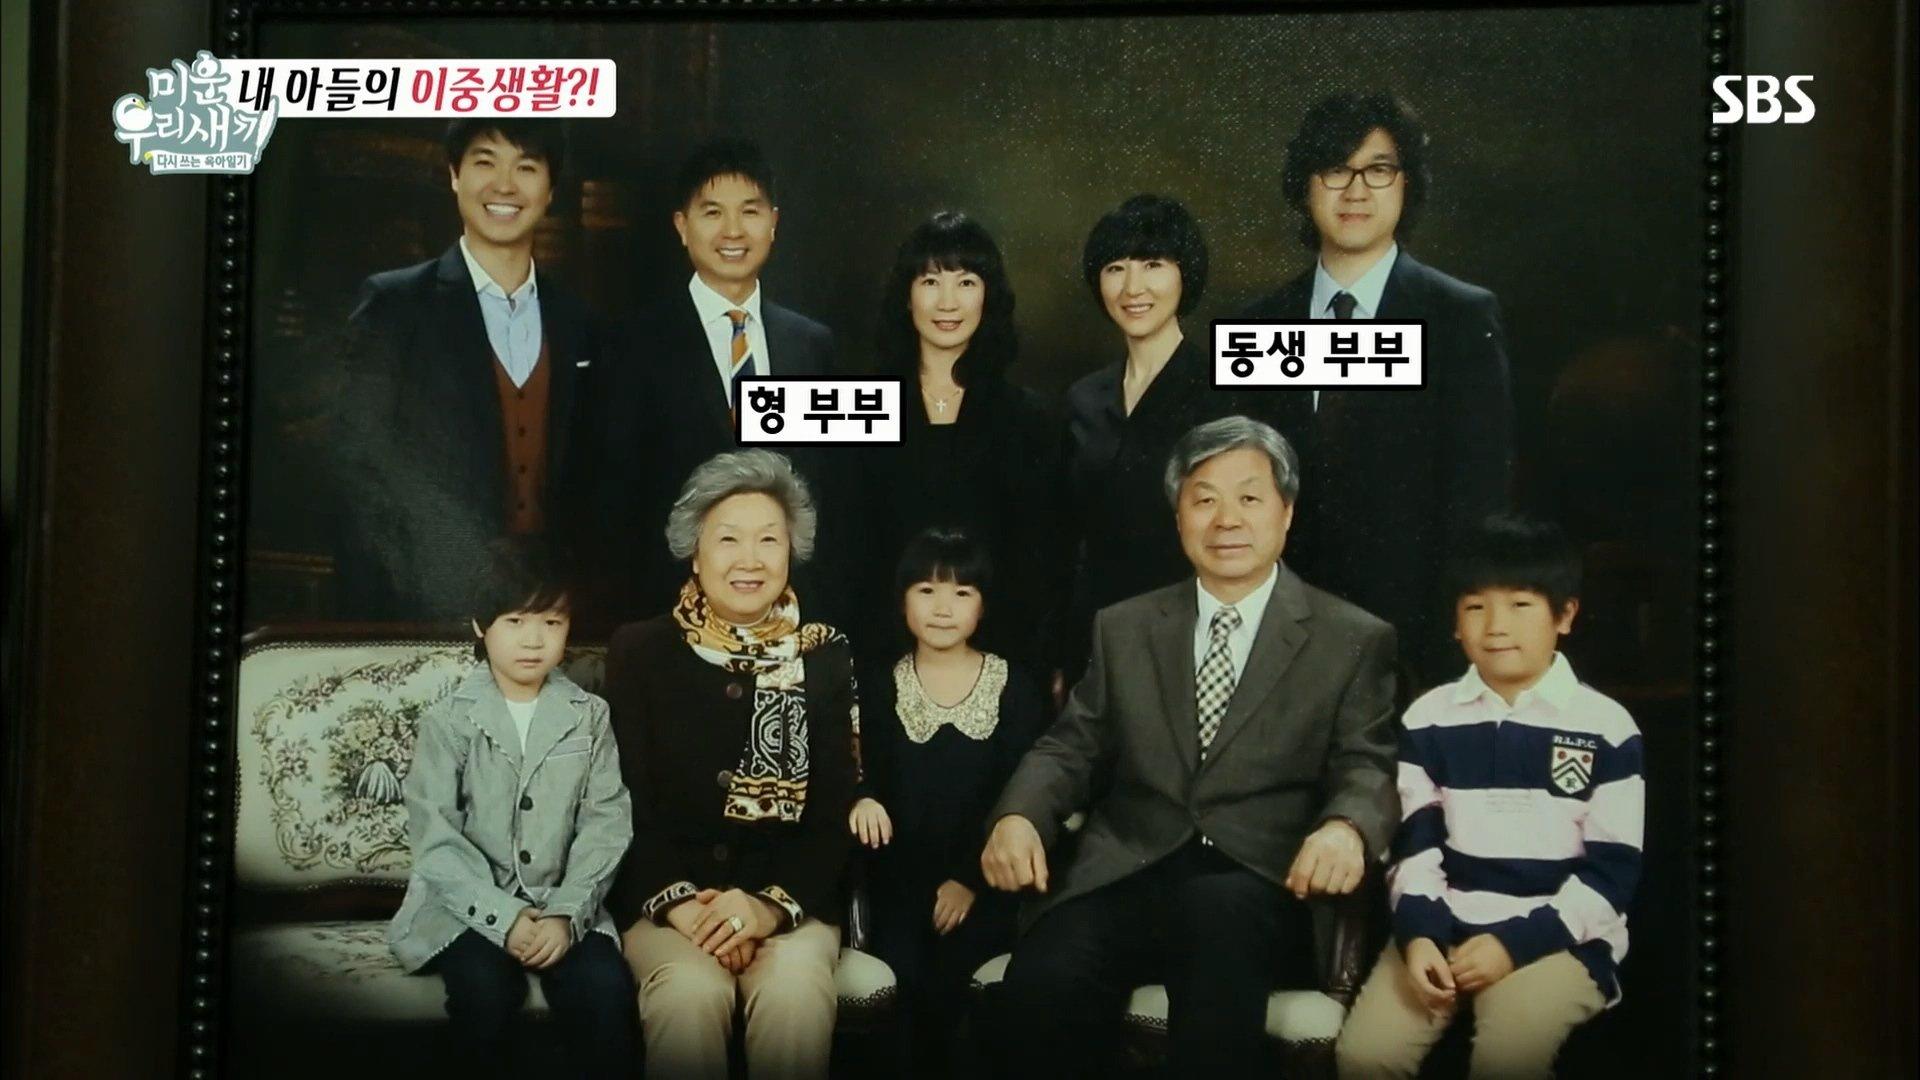 잡담] 미우새에 나온 박수홍 가족사진 - 인스티즈(instiz) 익명예잡